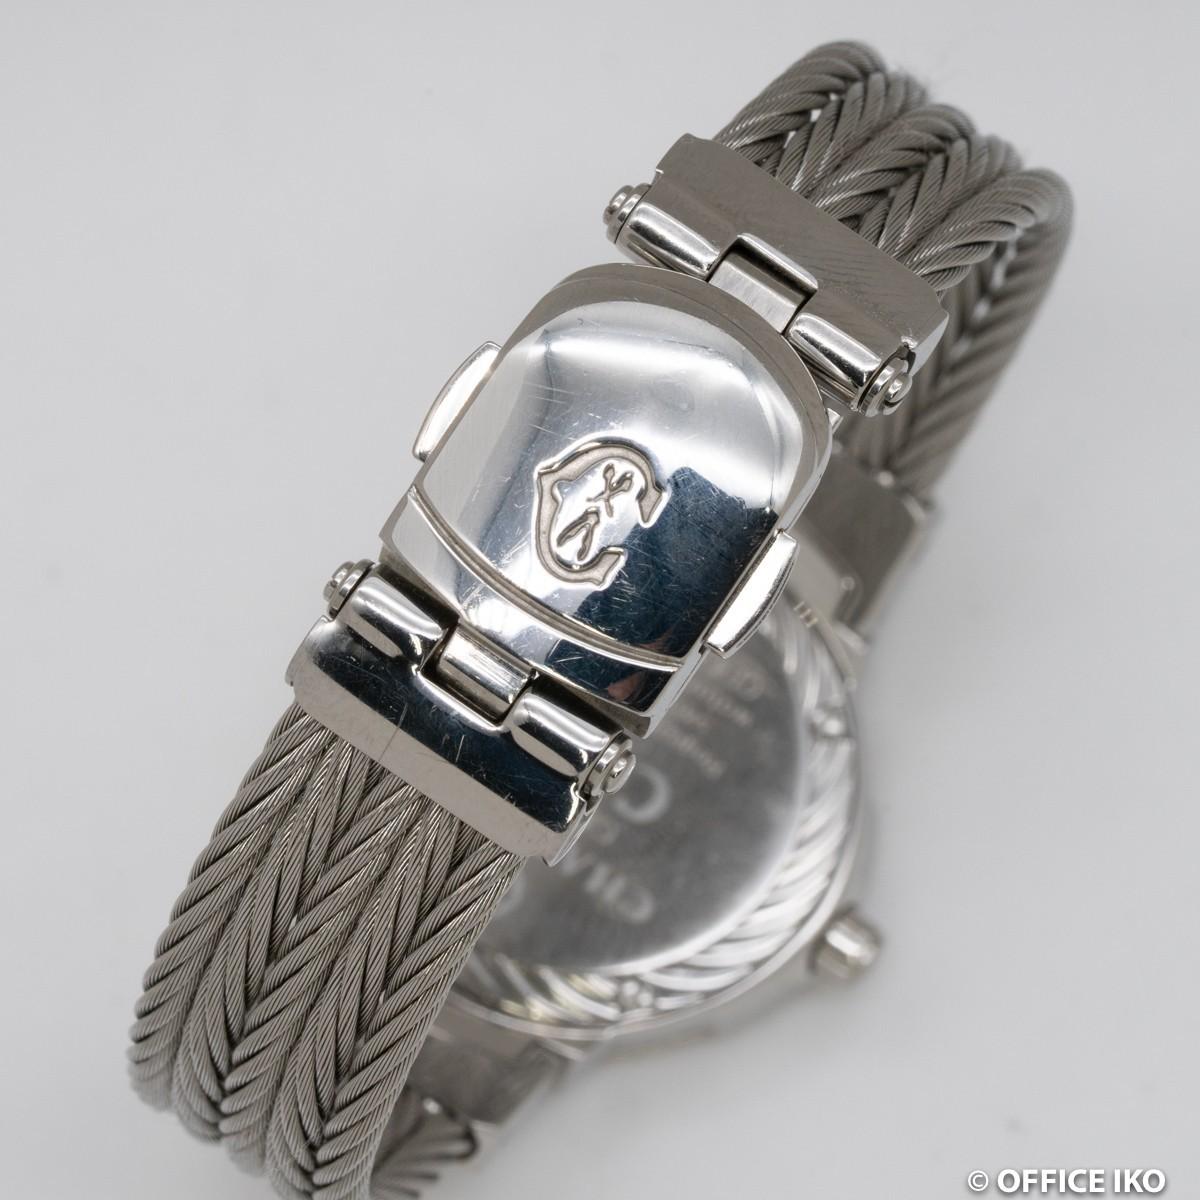 質イコー [シャリオール] CHARRIOL 腕時計 ケルテック シェル CE426 ダイヤ12P クオーツ レディース 中古 良品_画像4